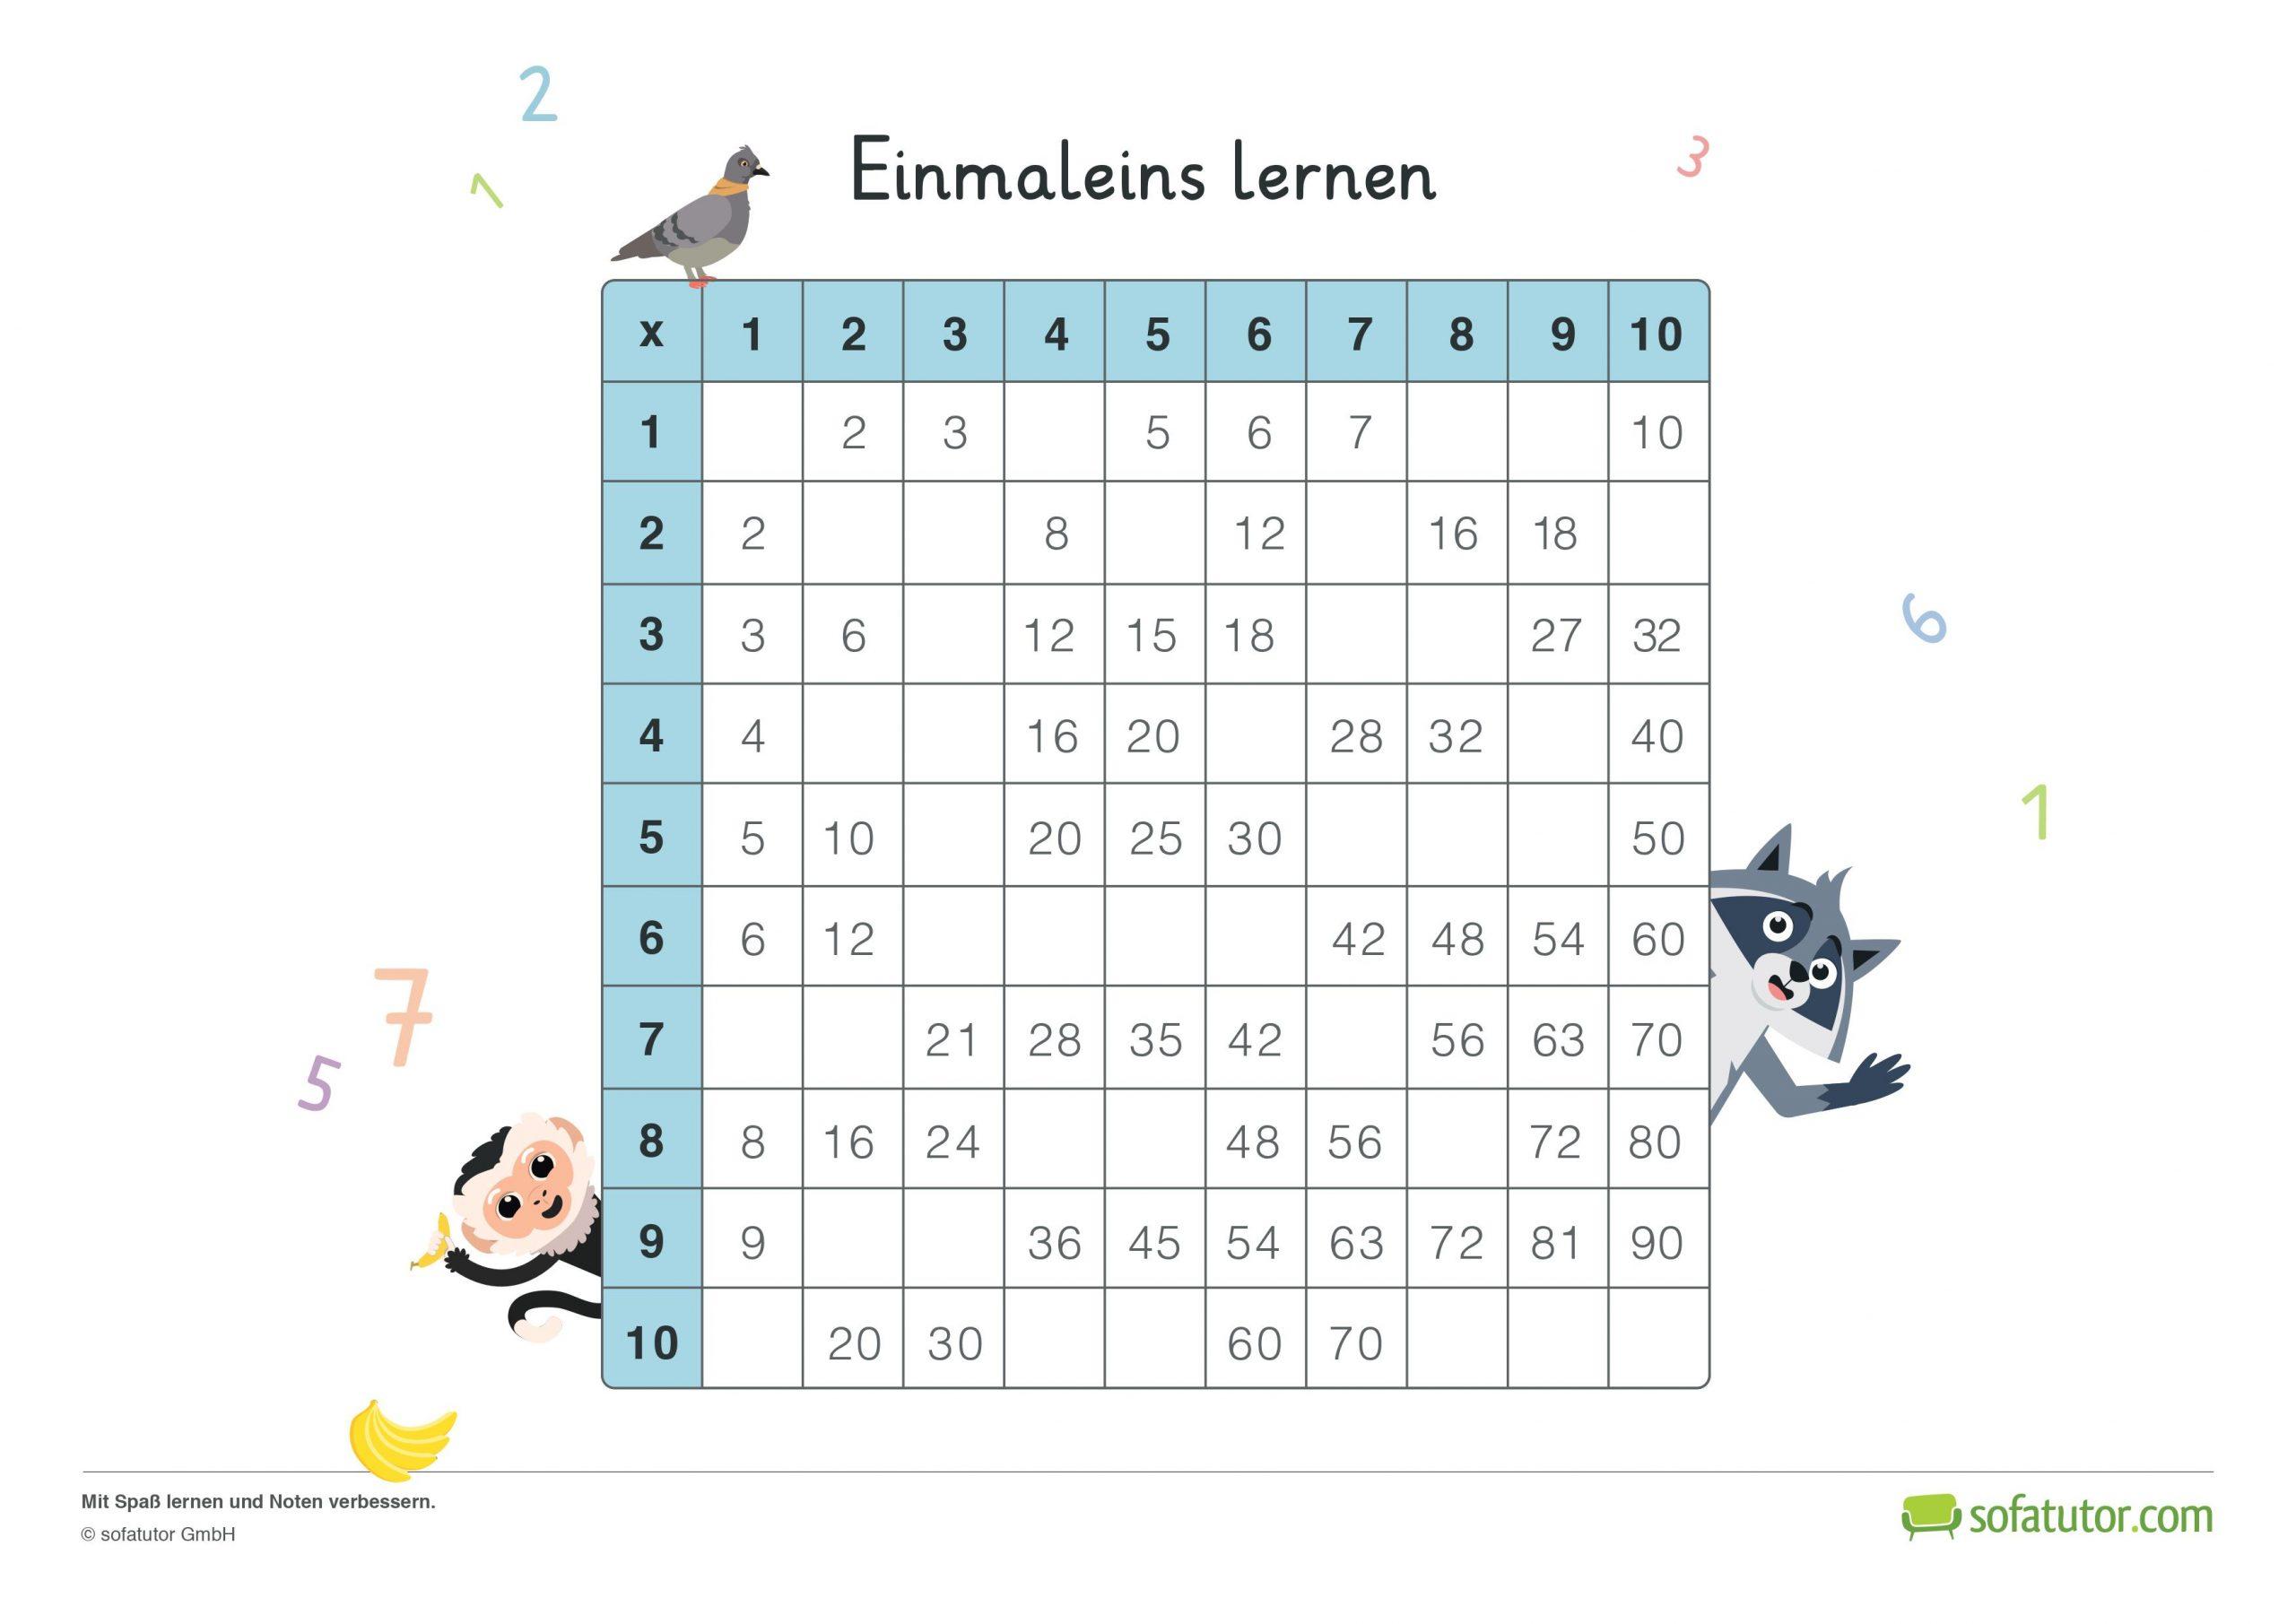 Einmaleins lernen und wiederholen – so geht's spielerisch